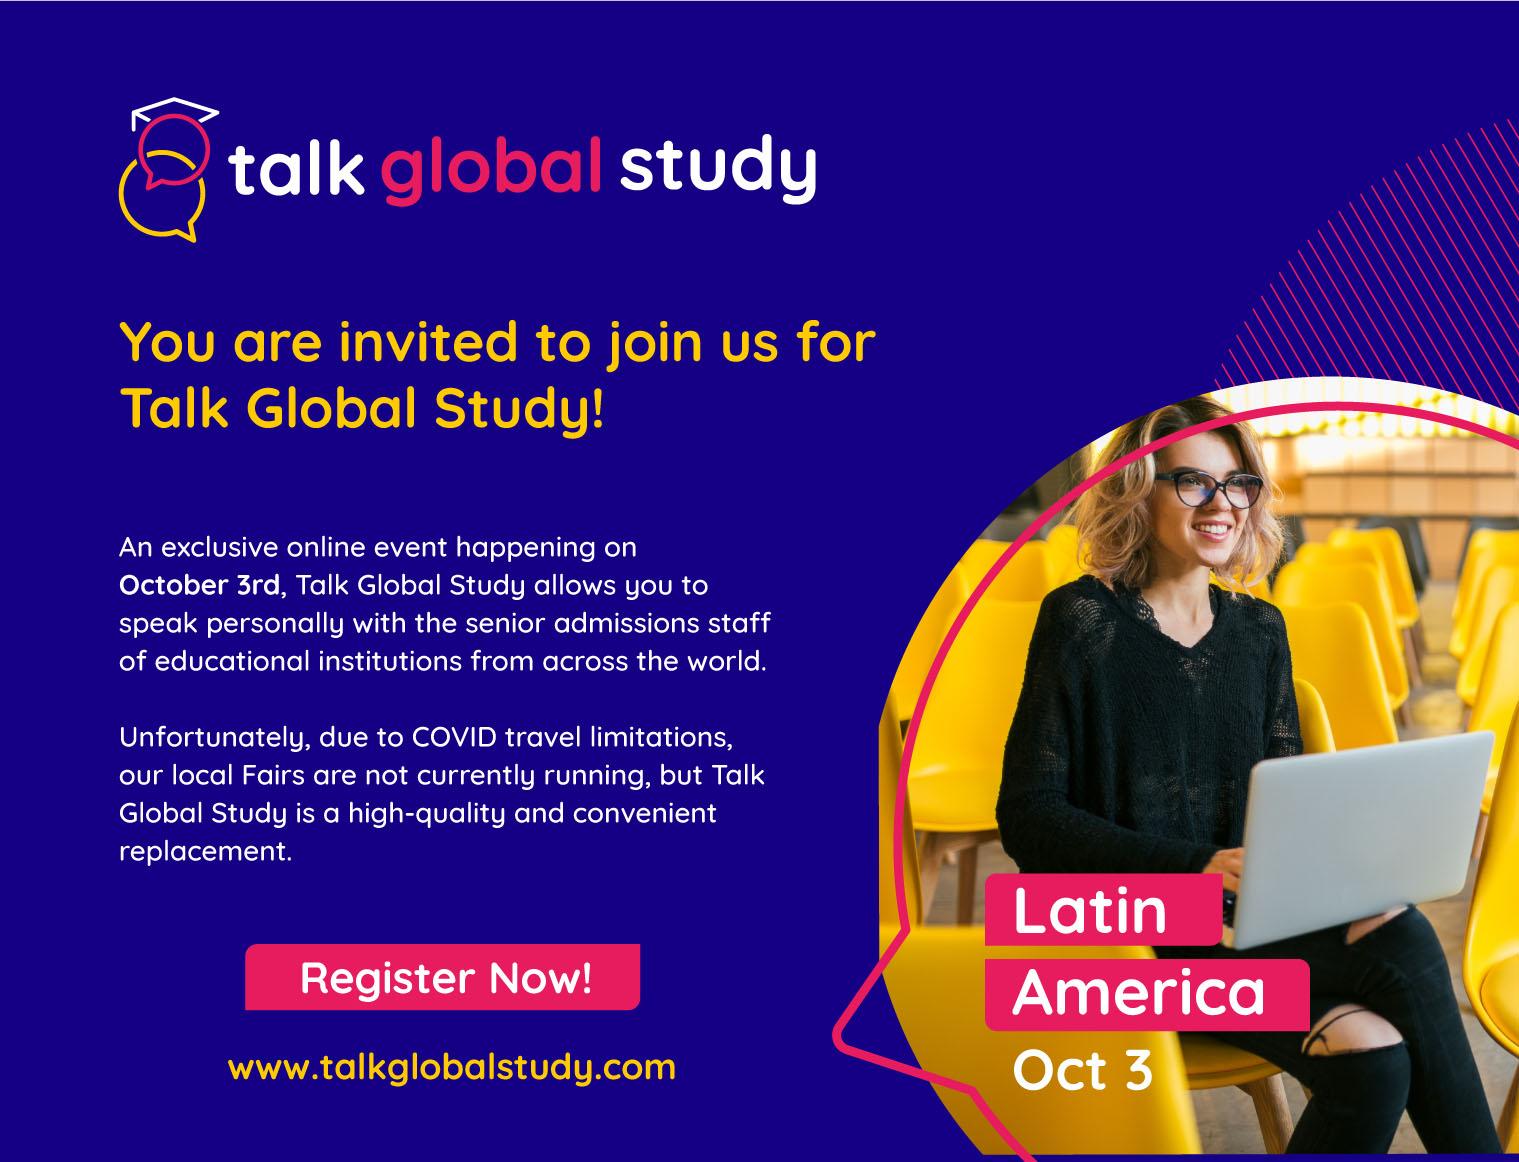 Talk Global Study